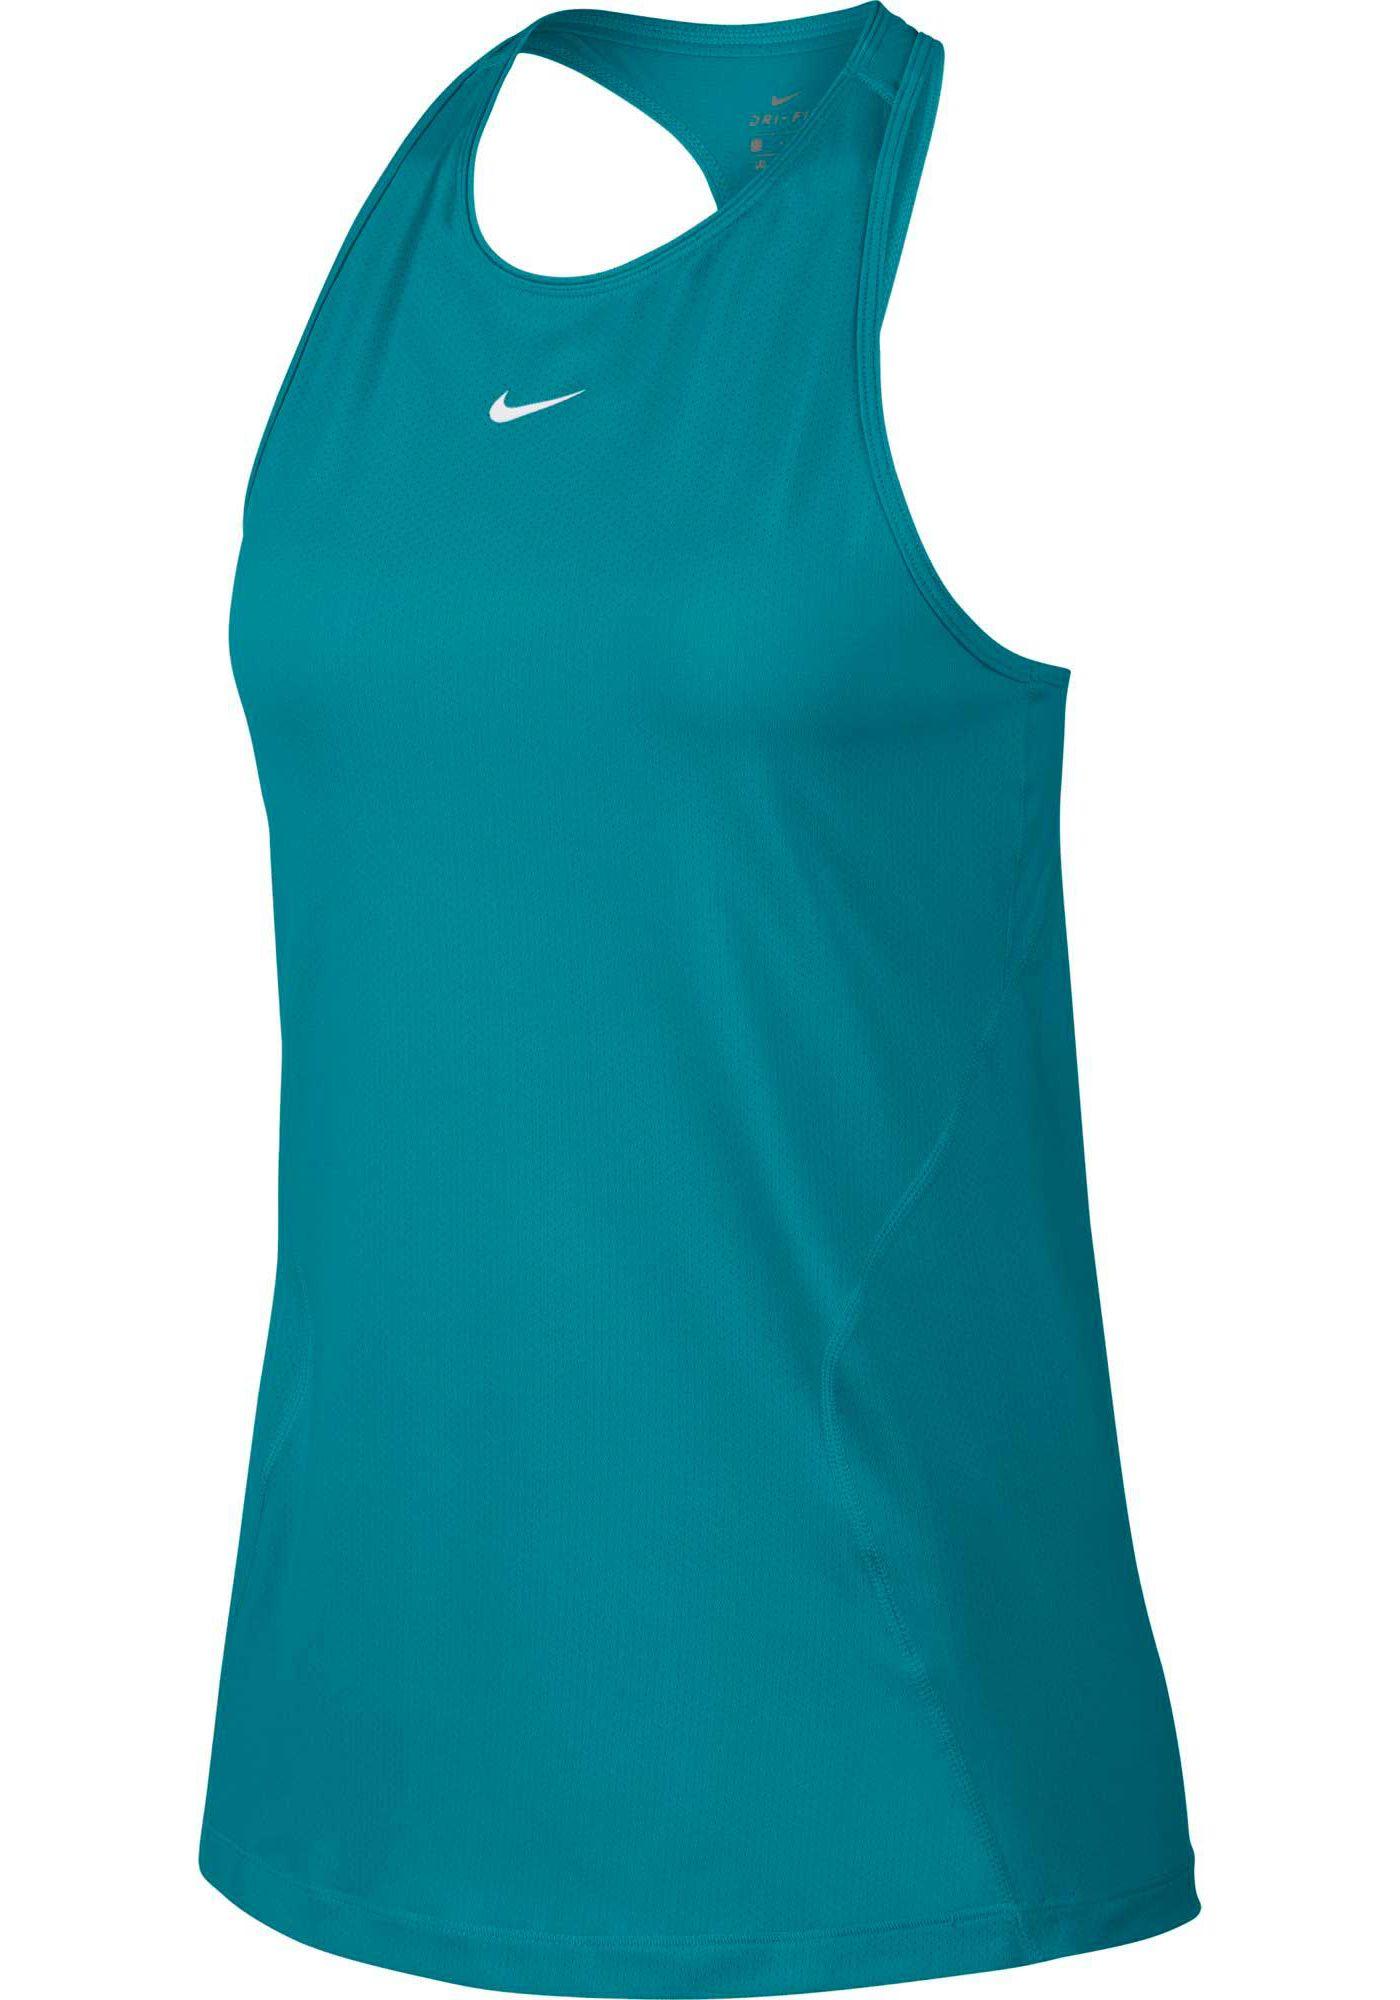 Nike Women's Pro Tank Top